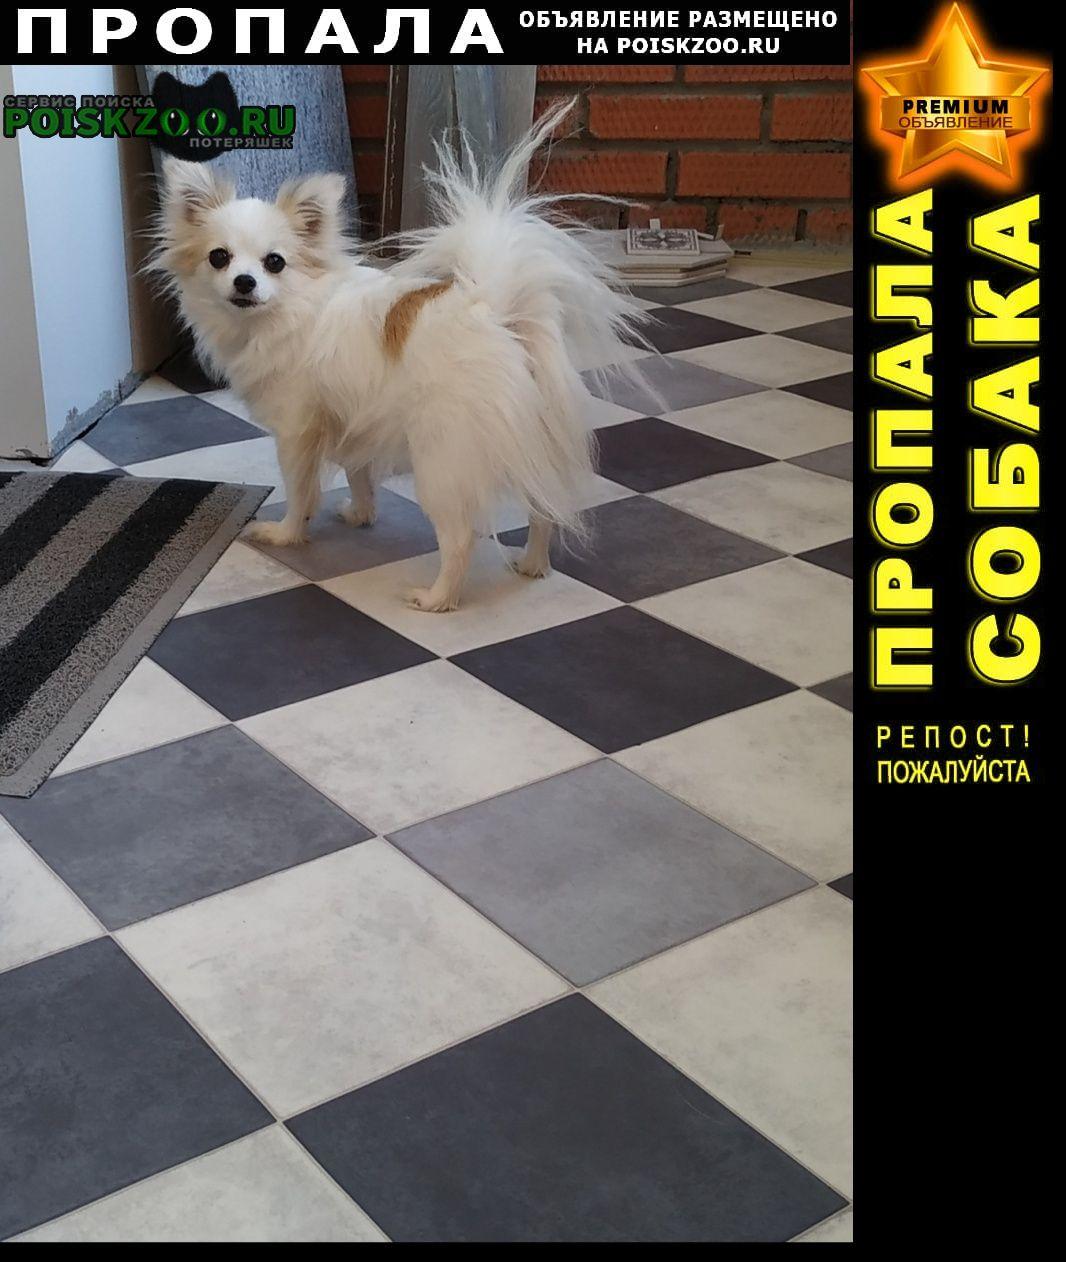 Пропала собака нашедшему 20 000 Томск